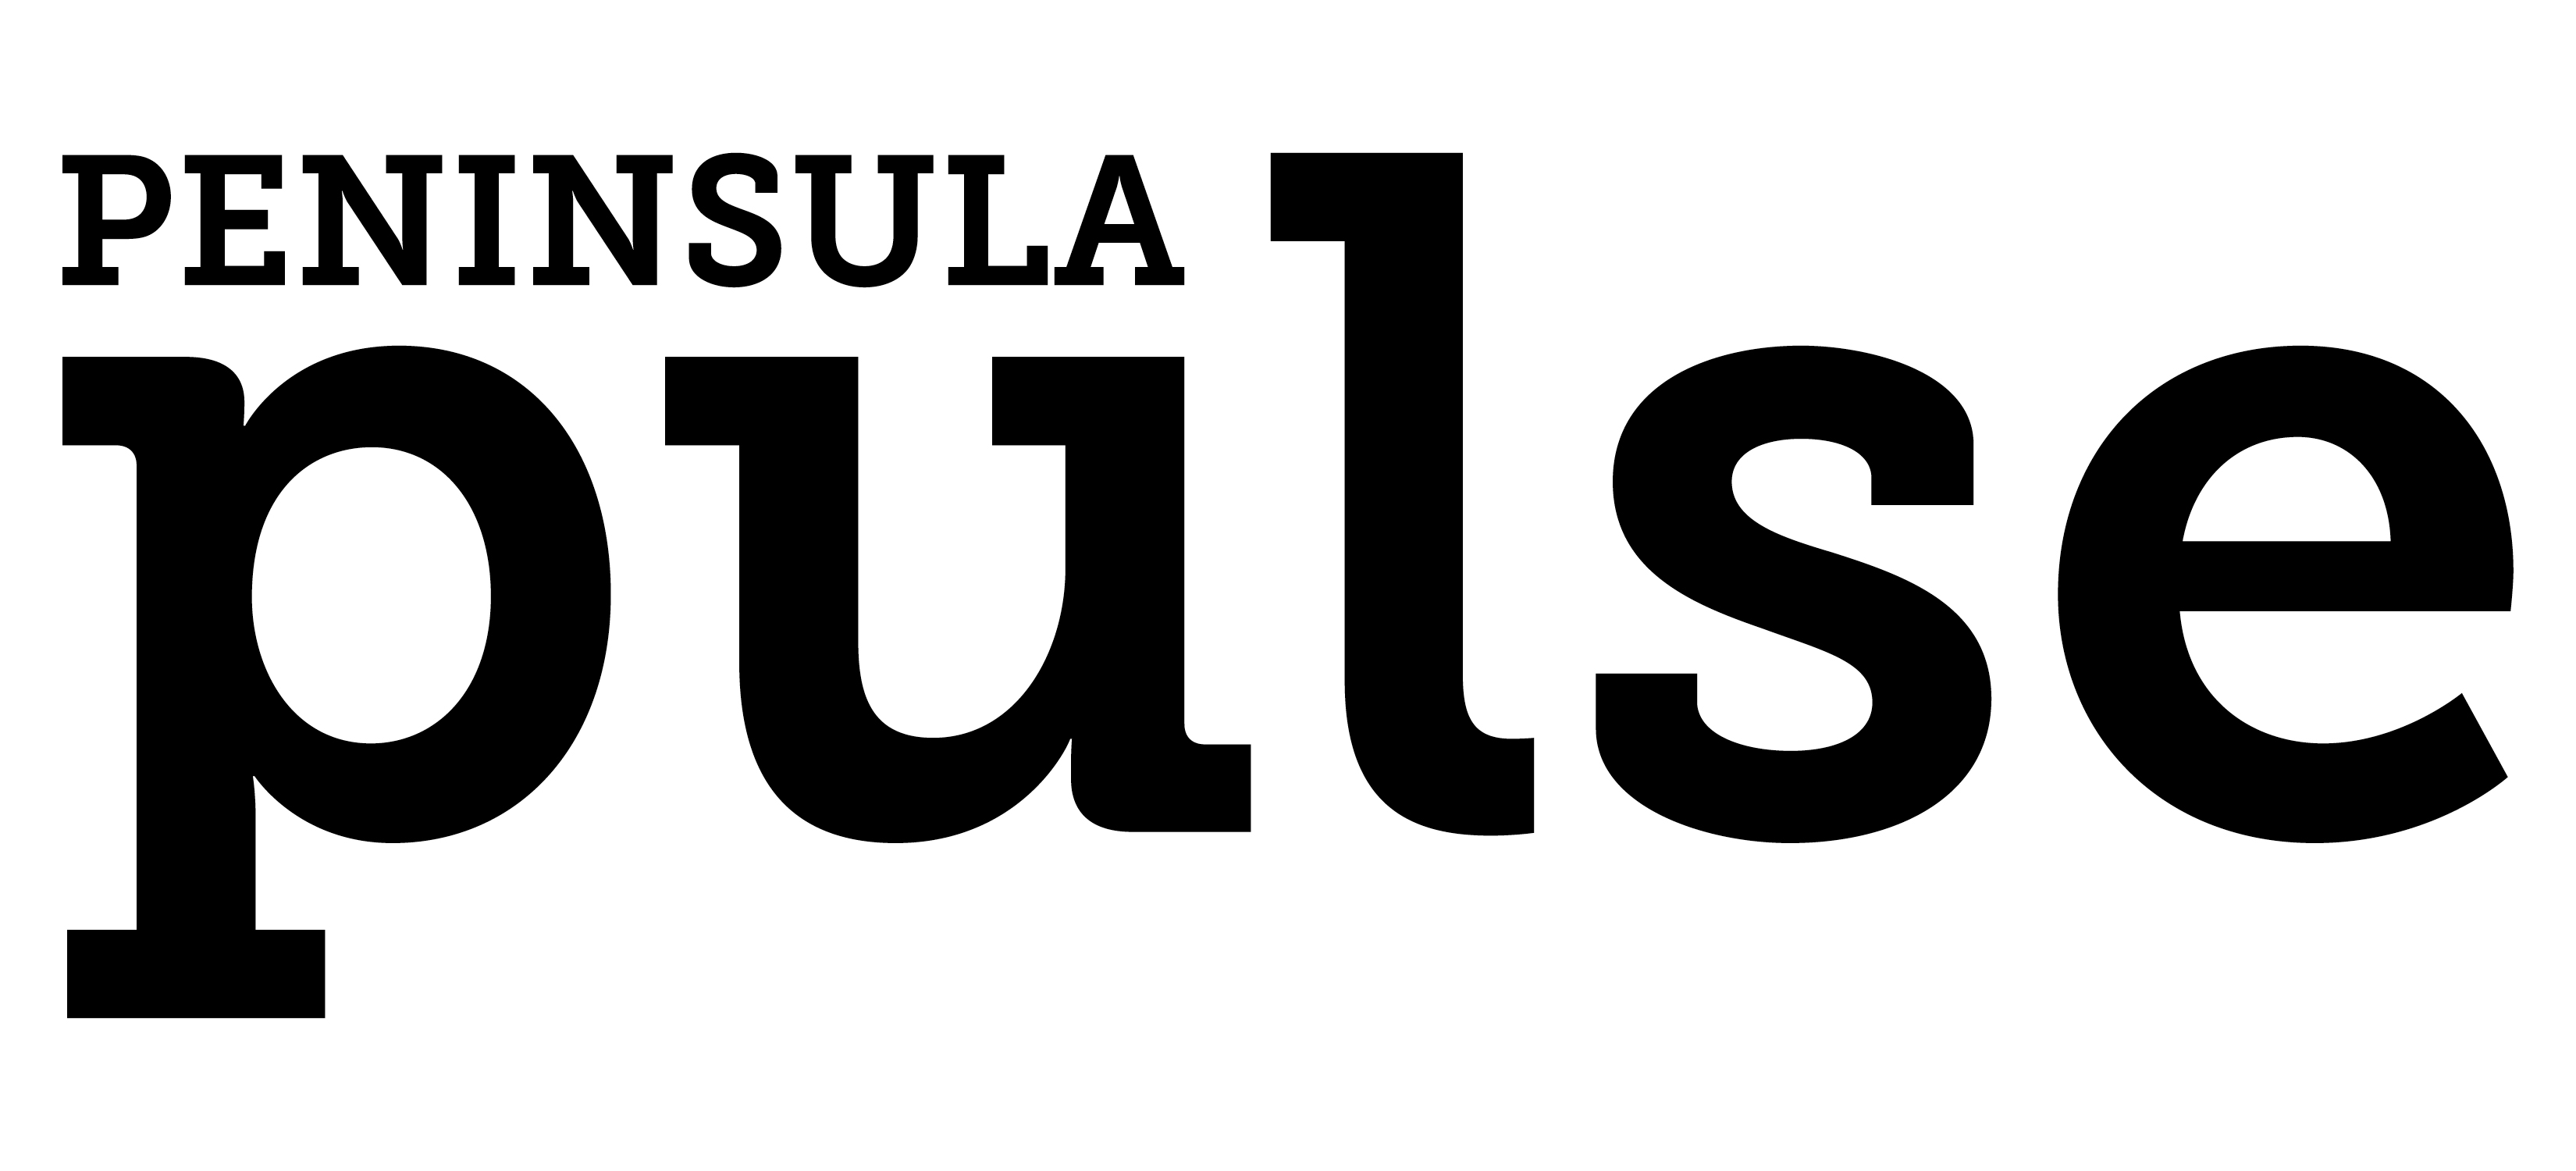 Peninsula Pulse